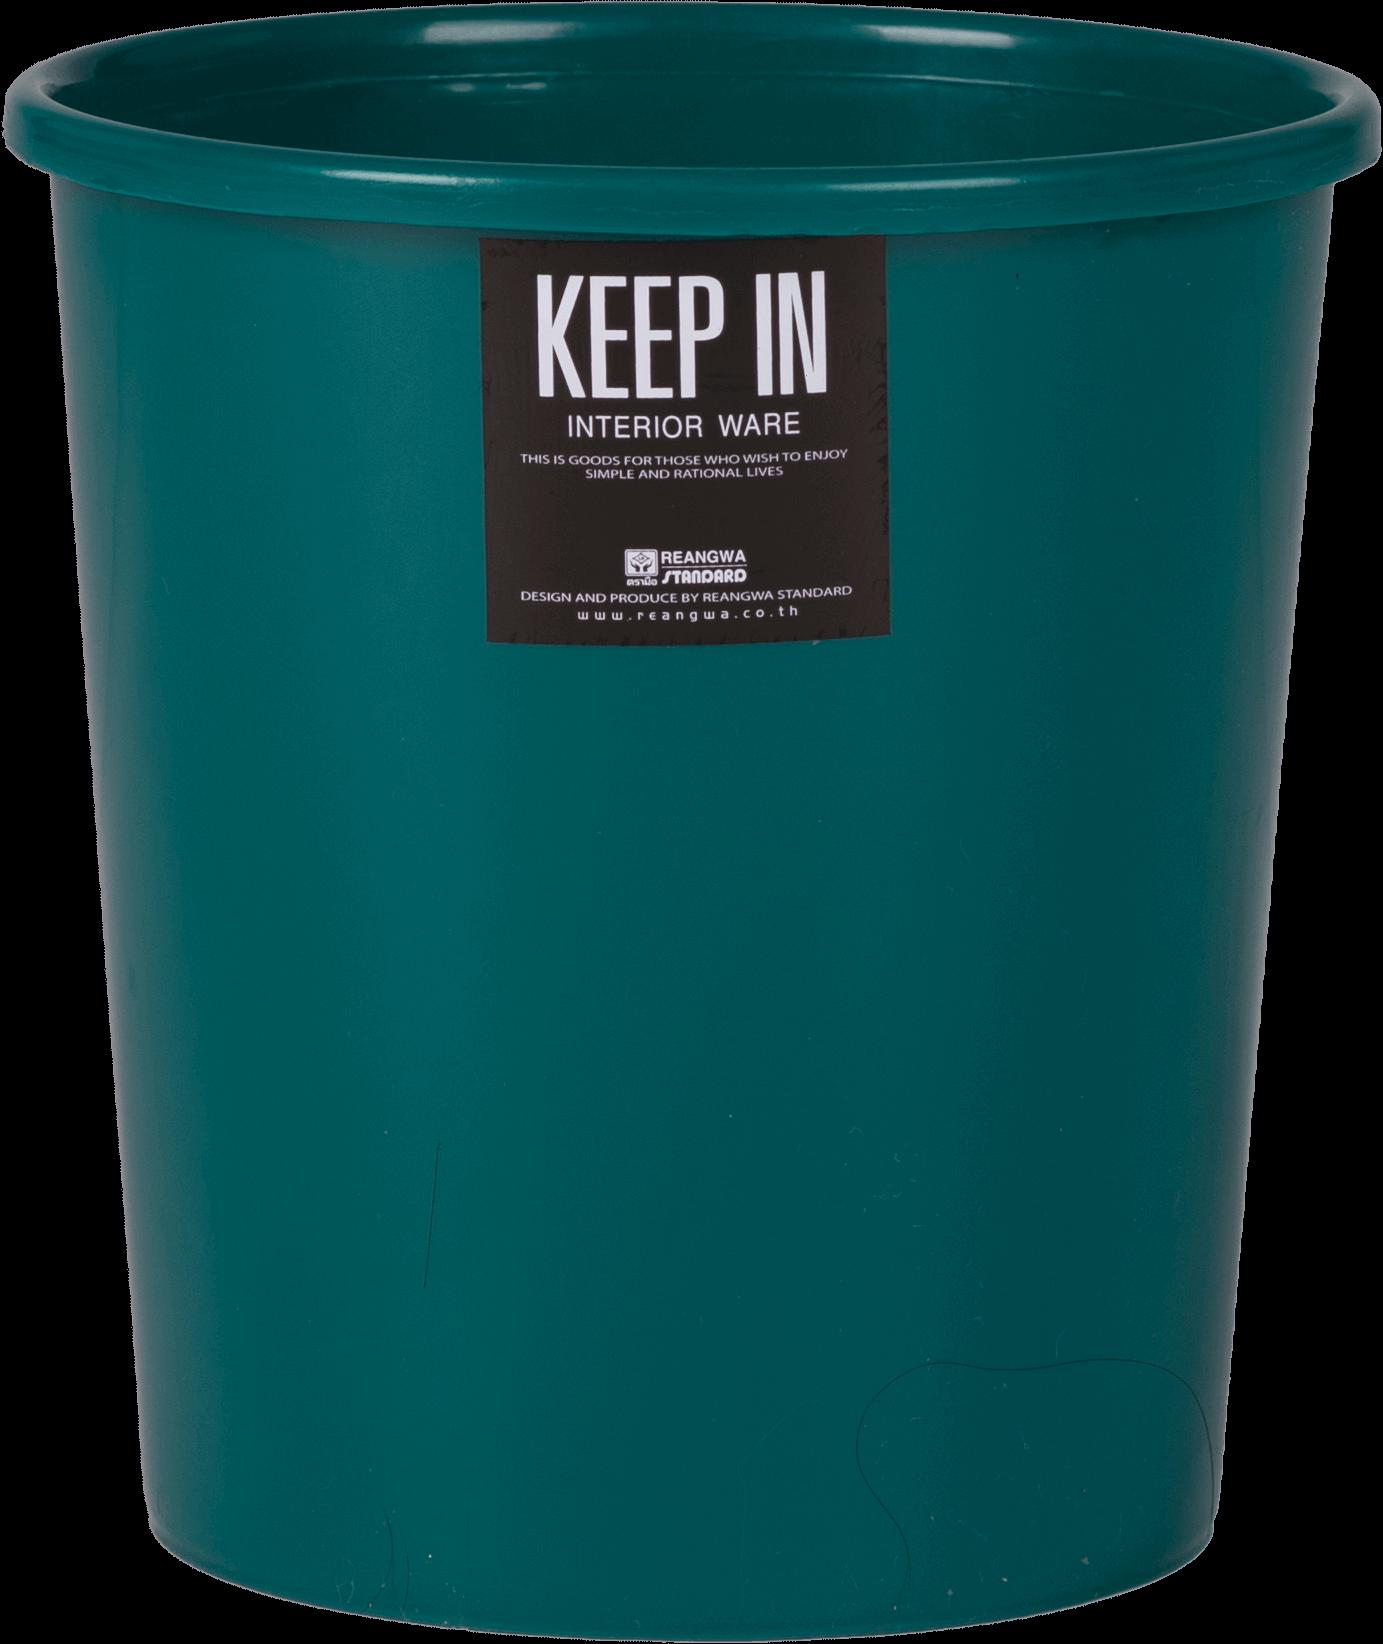 ถังขยะ สแตนดาร์ด No. RW9072 สีเขียว